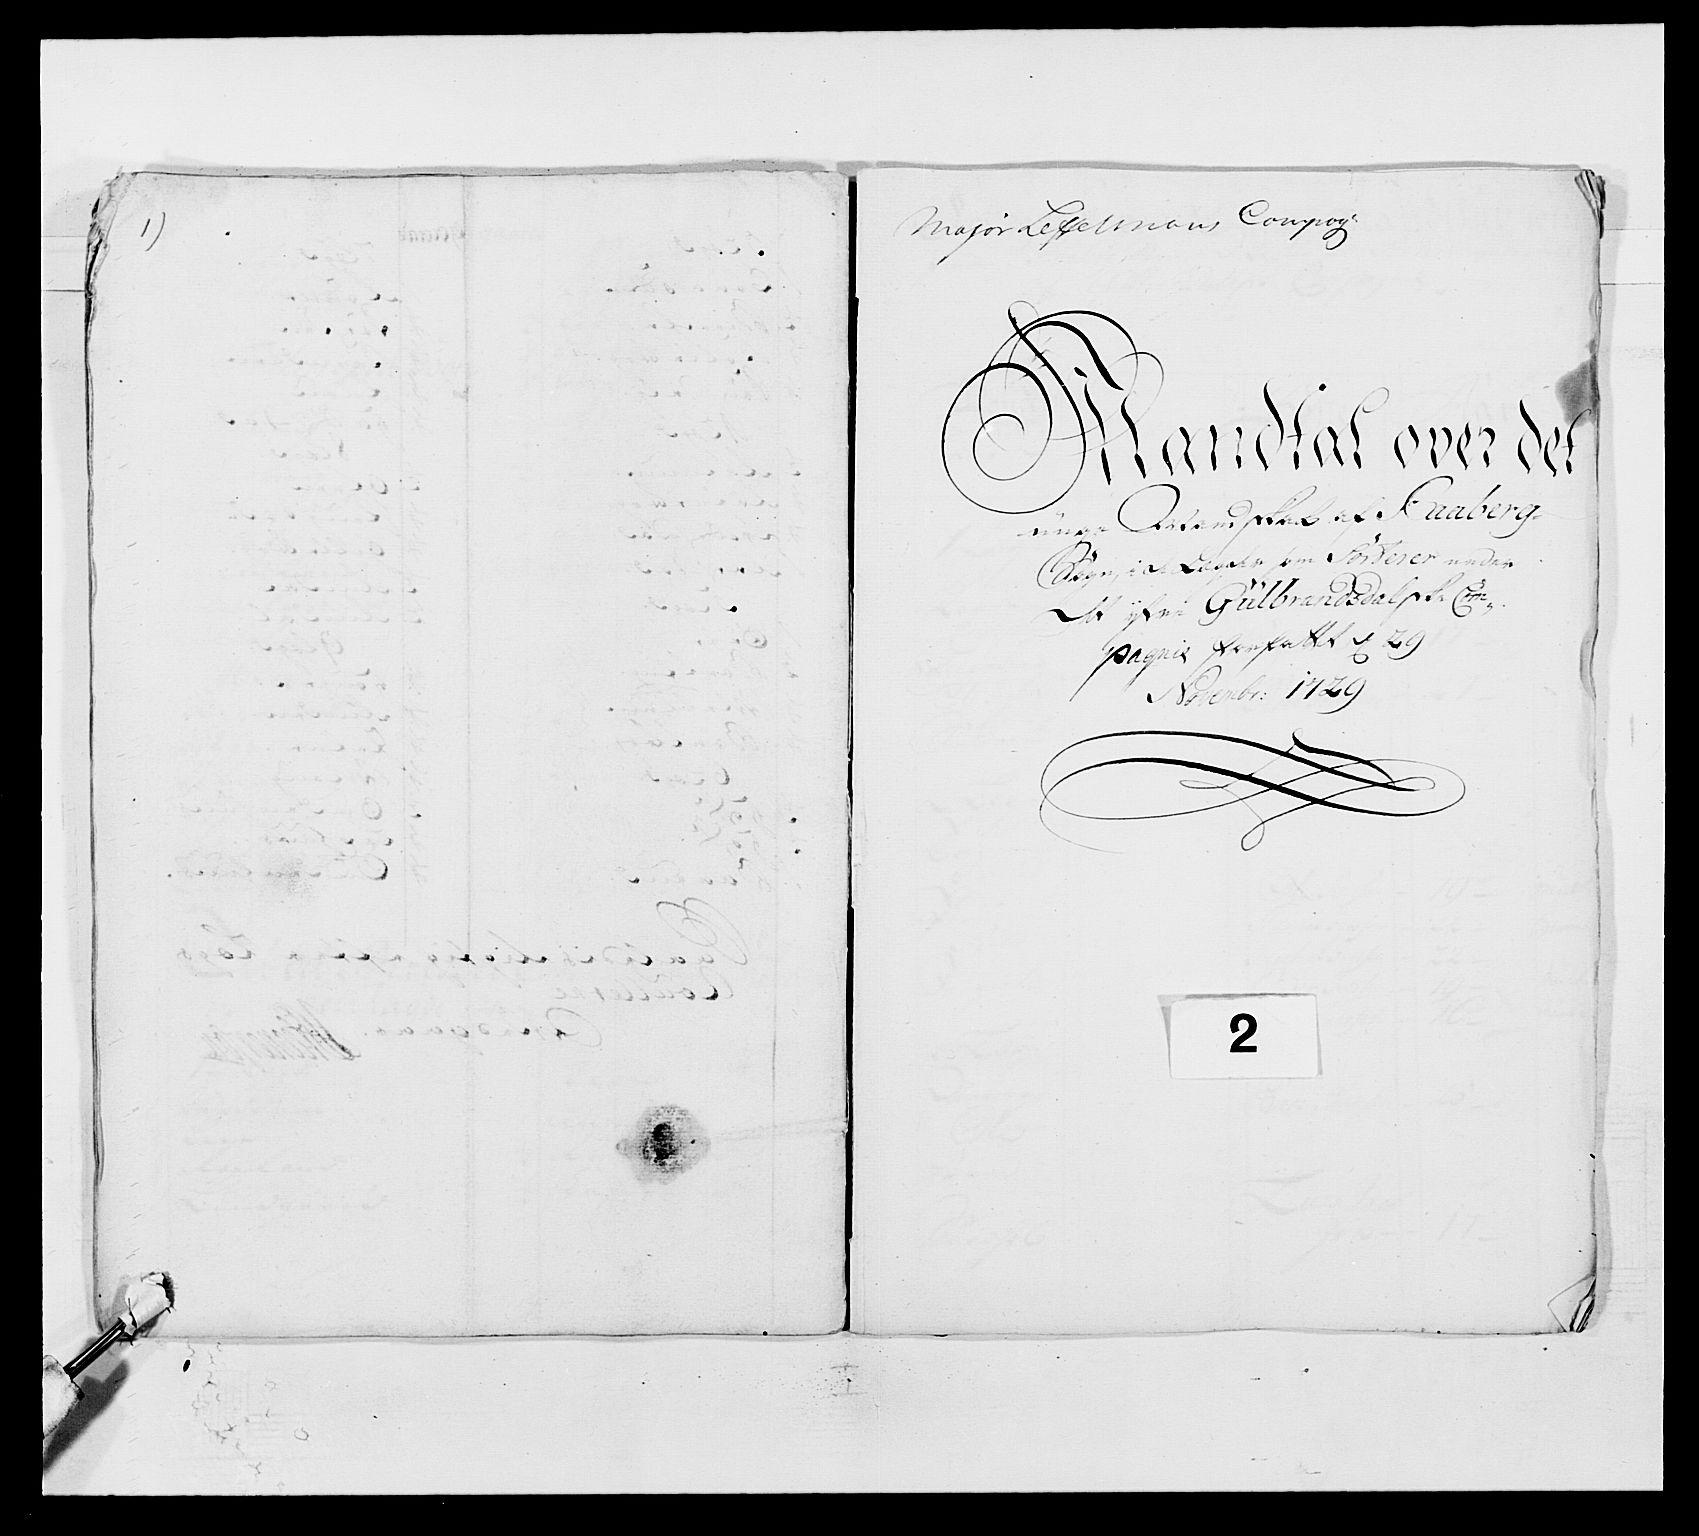 RA, Kommanderende general (KG I) med Det norske krigsdirektorium, E/Ea/L0502: 1. Opplandske regiment, 1720-1743, p. 23